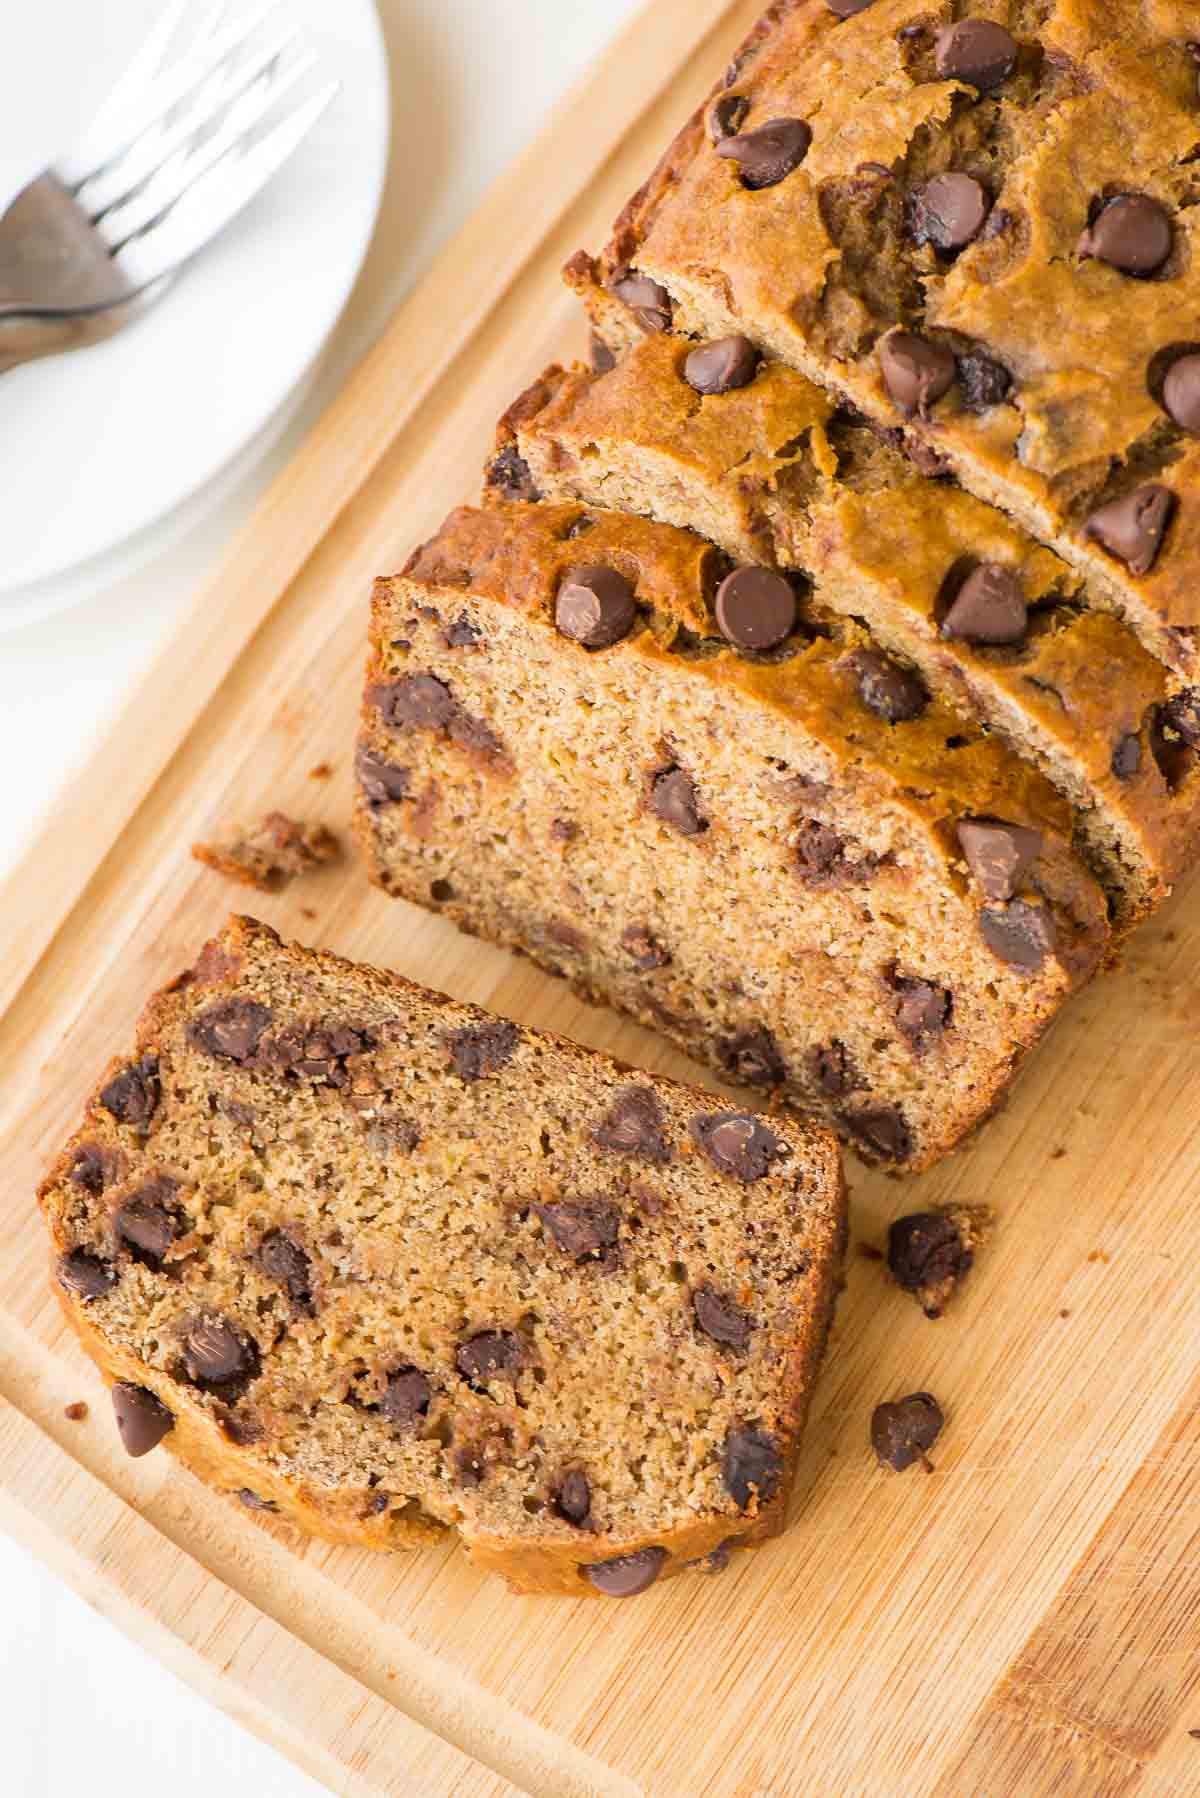 Healthy Banana Nut Bread Recipe  Healthy Banana Bread Recipe with Chocolate Chips